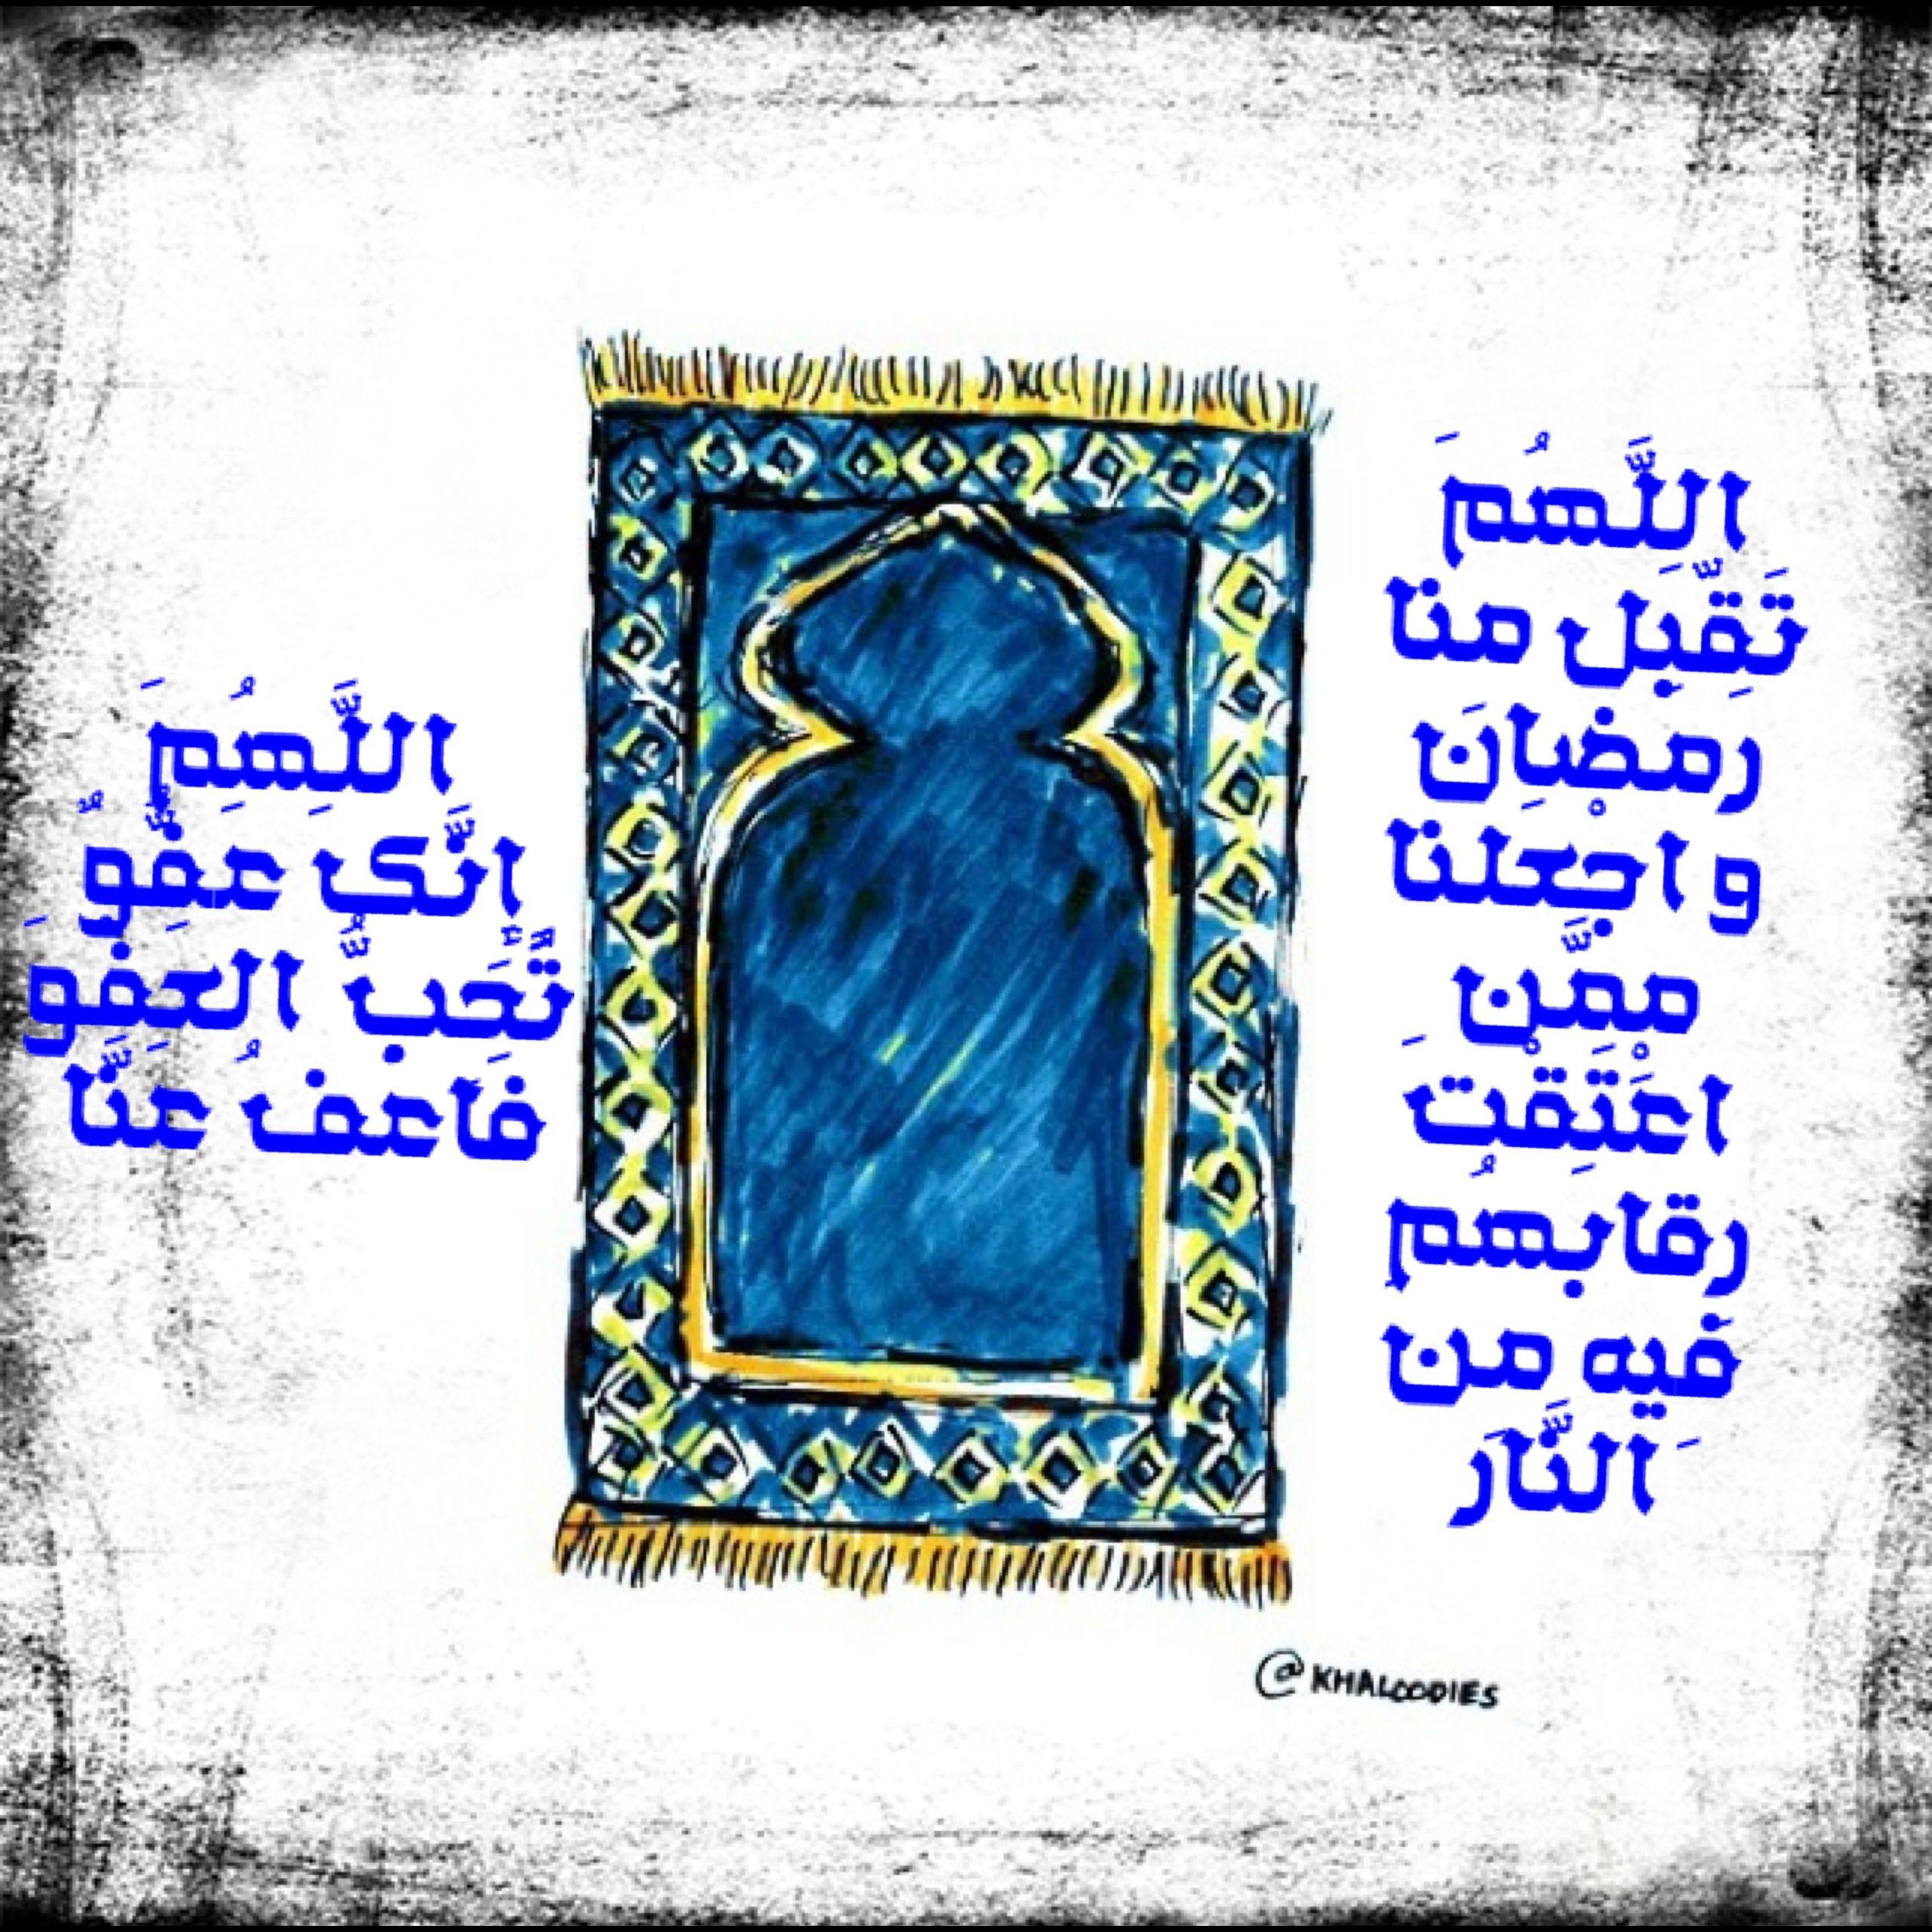 اللهم تقبل منا رمضان واجعلنا ممن اعتقت رقابهم فيه من النار Ramadan Kareem Ramadan Book Cover